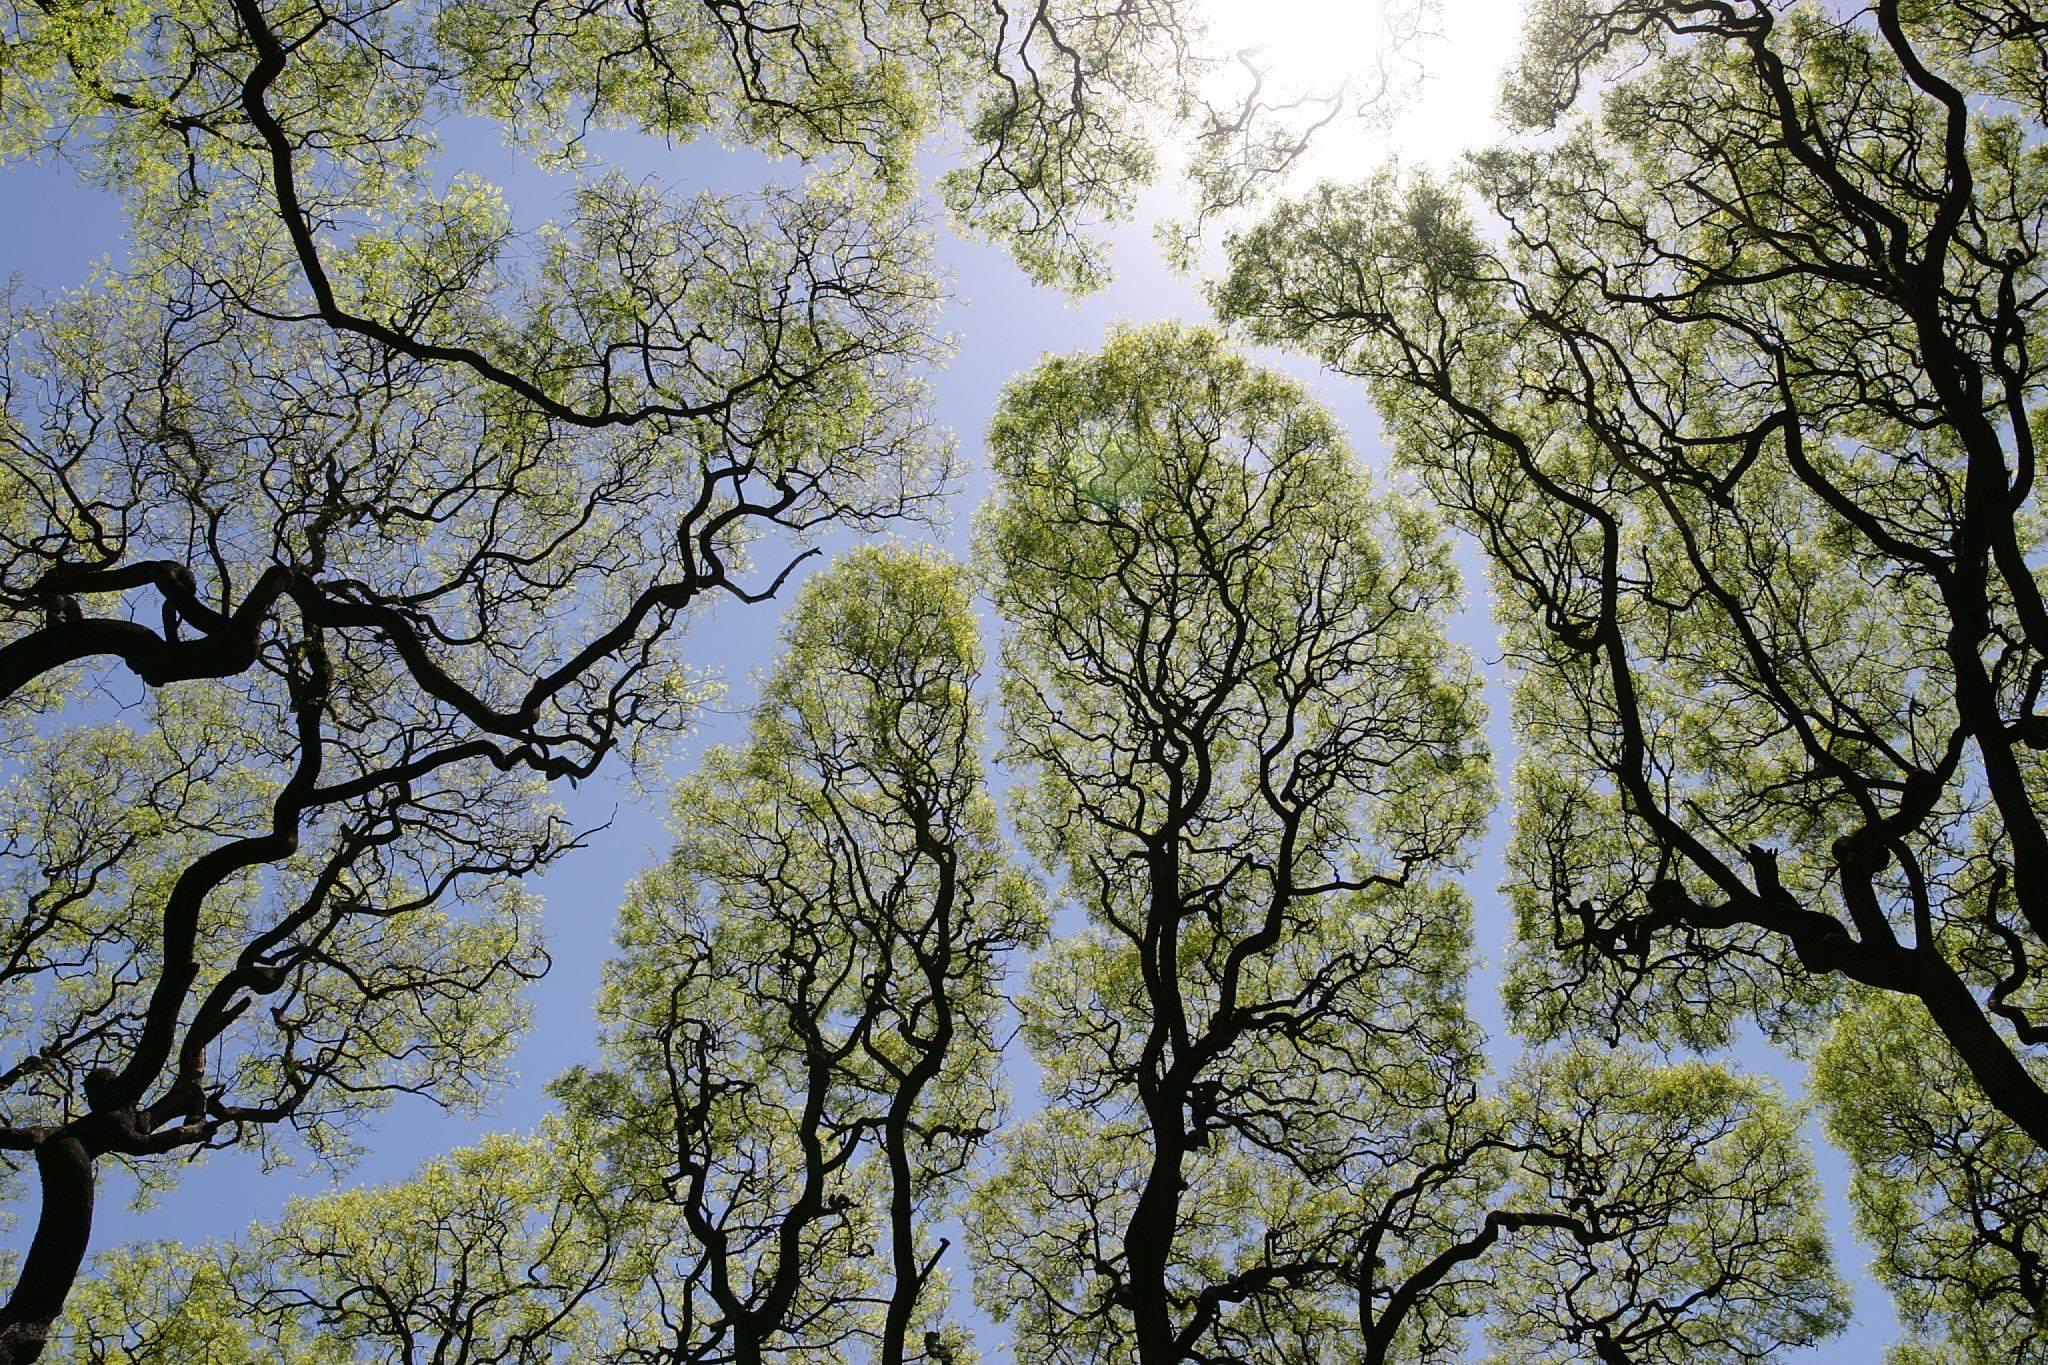 עצים שומרים על ריחוק חברתי, למנוע הדבקה